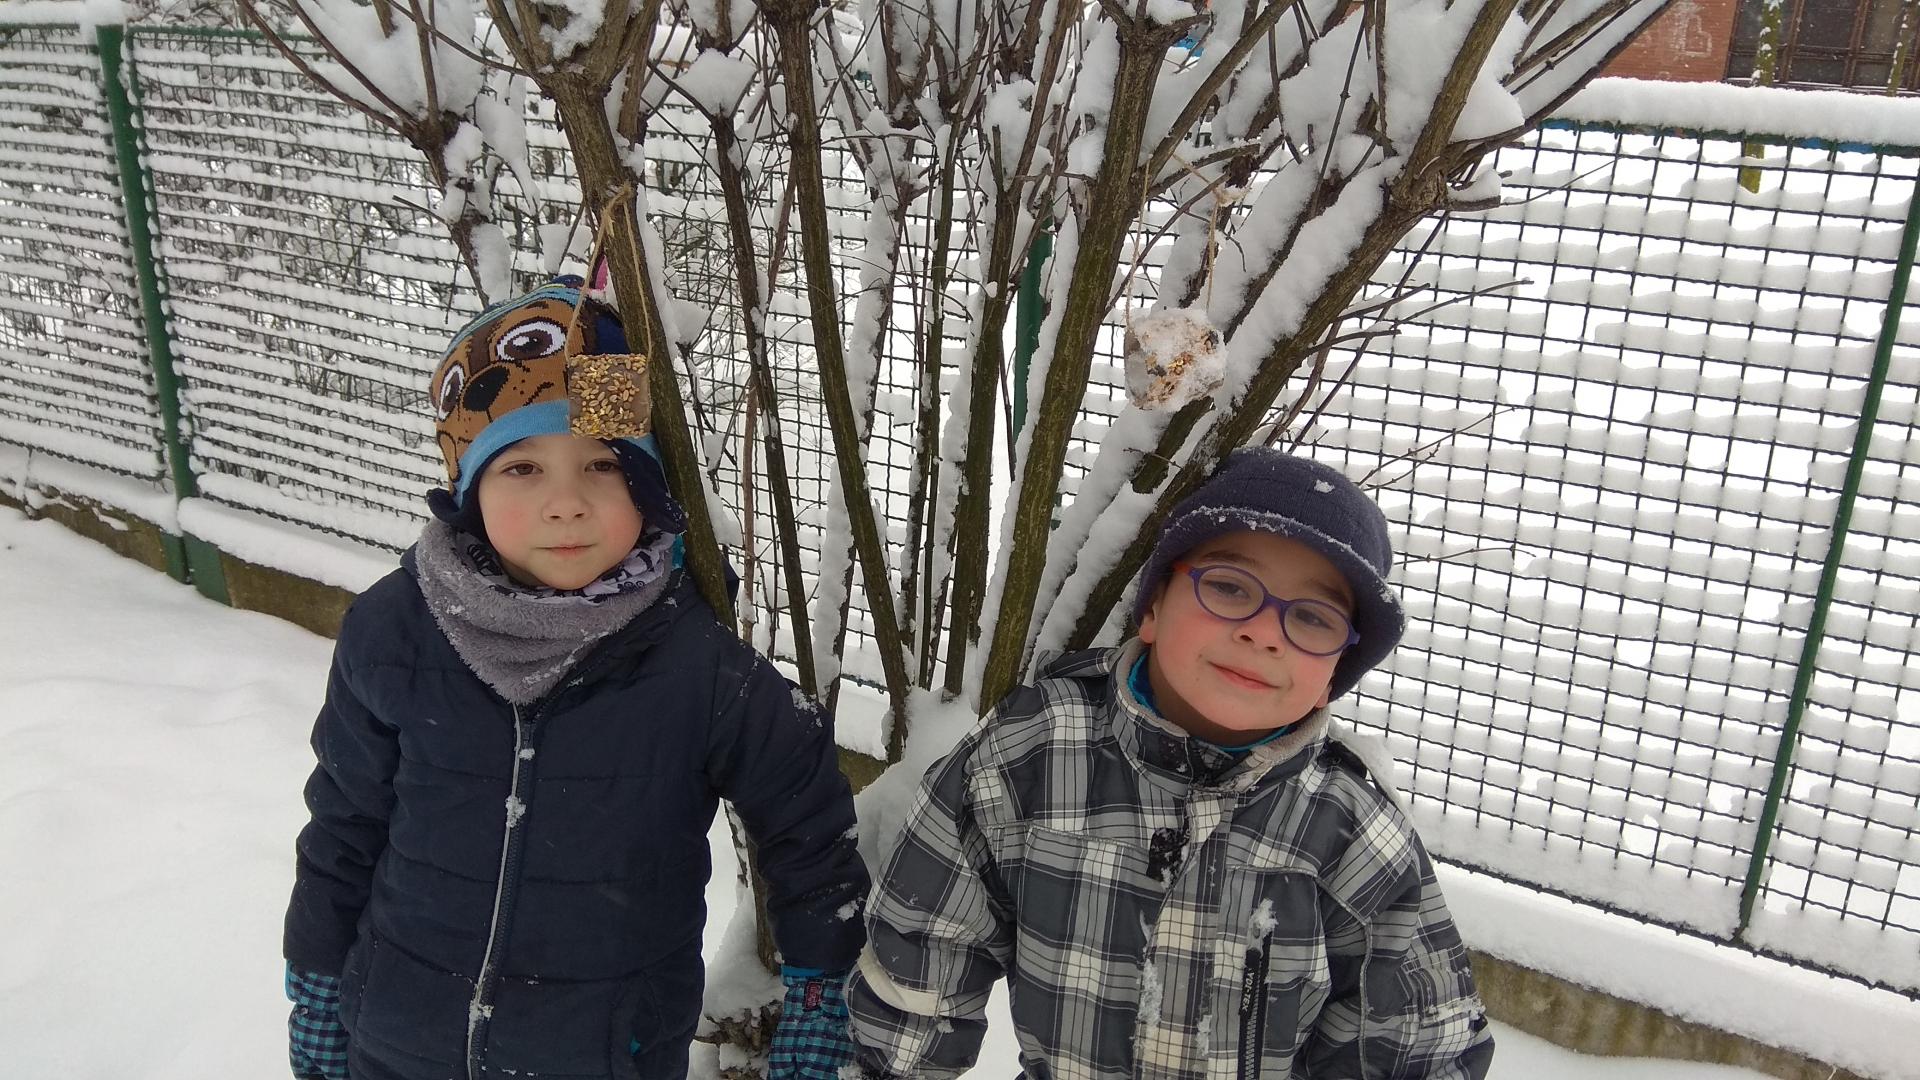 Chlapci pověsili dobroty pro ptáky.